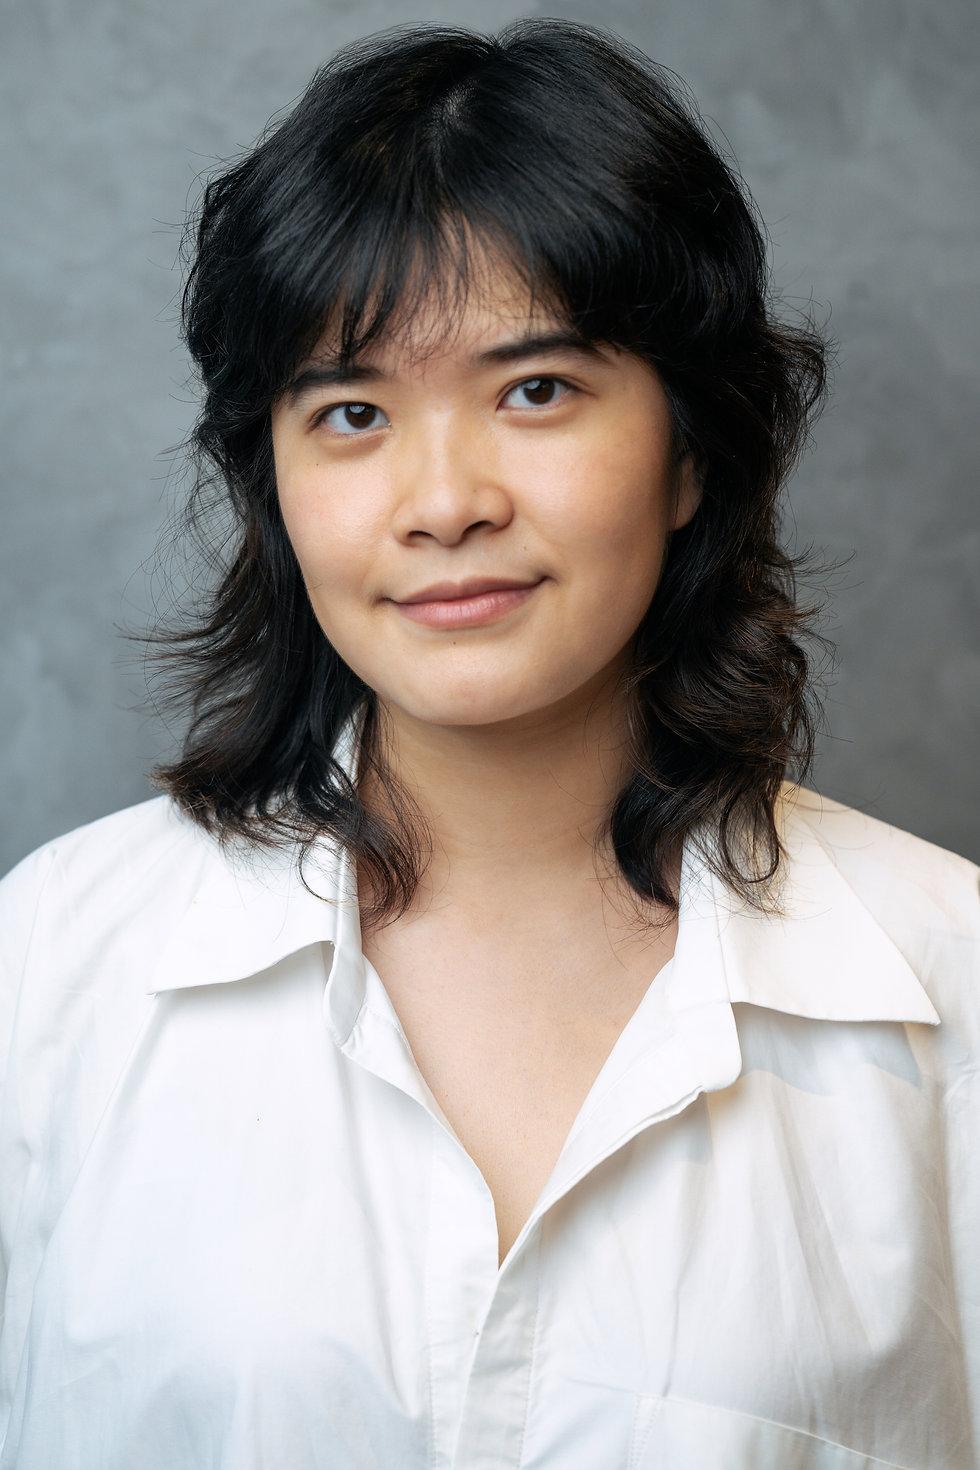 Nydia Shiang